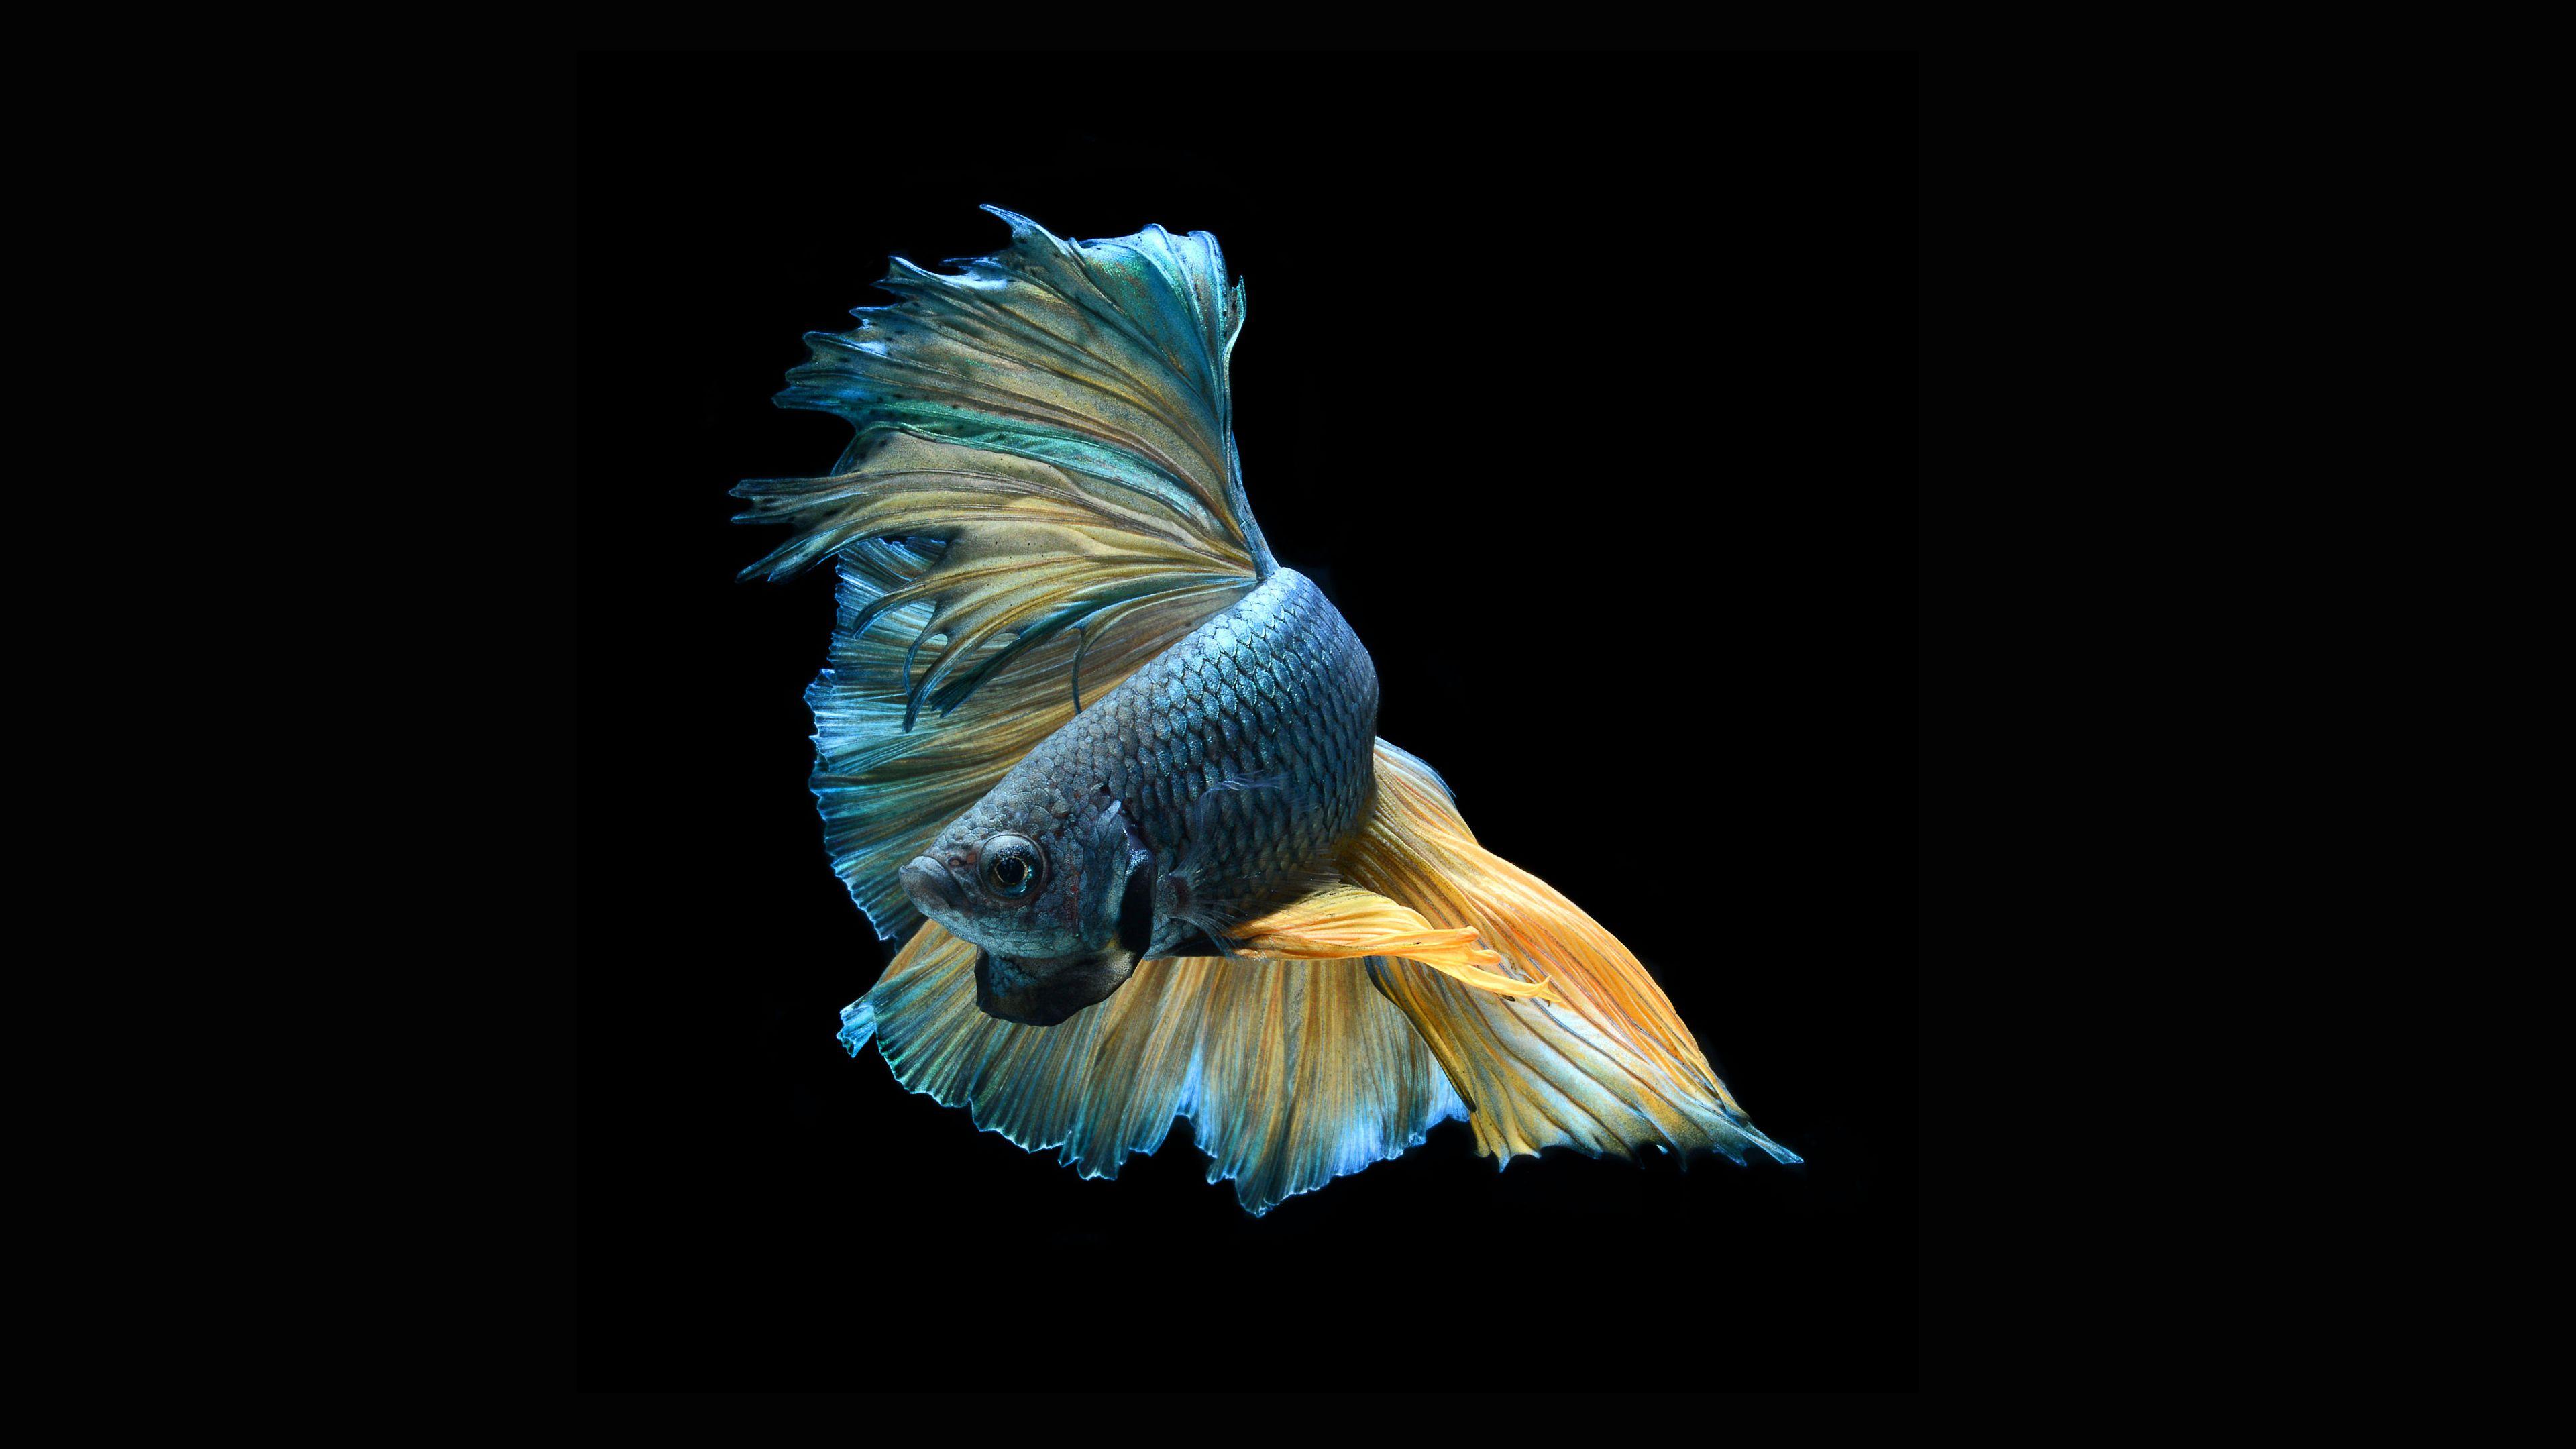 Betta Fish Wallpapers Hd Betta Koi động Vật